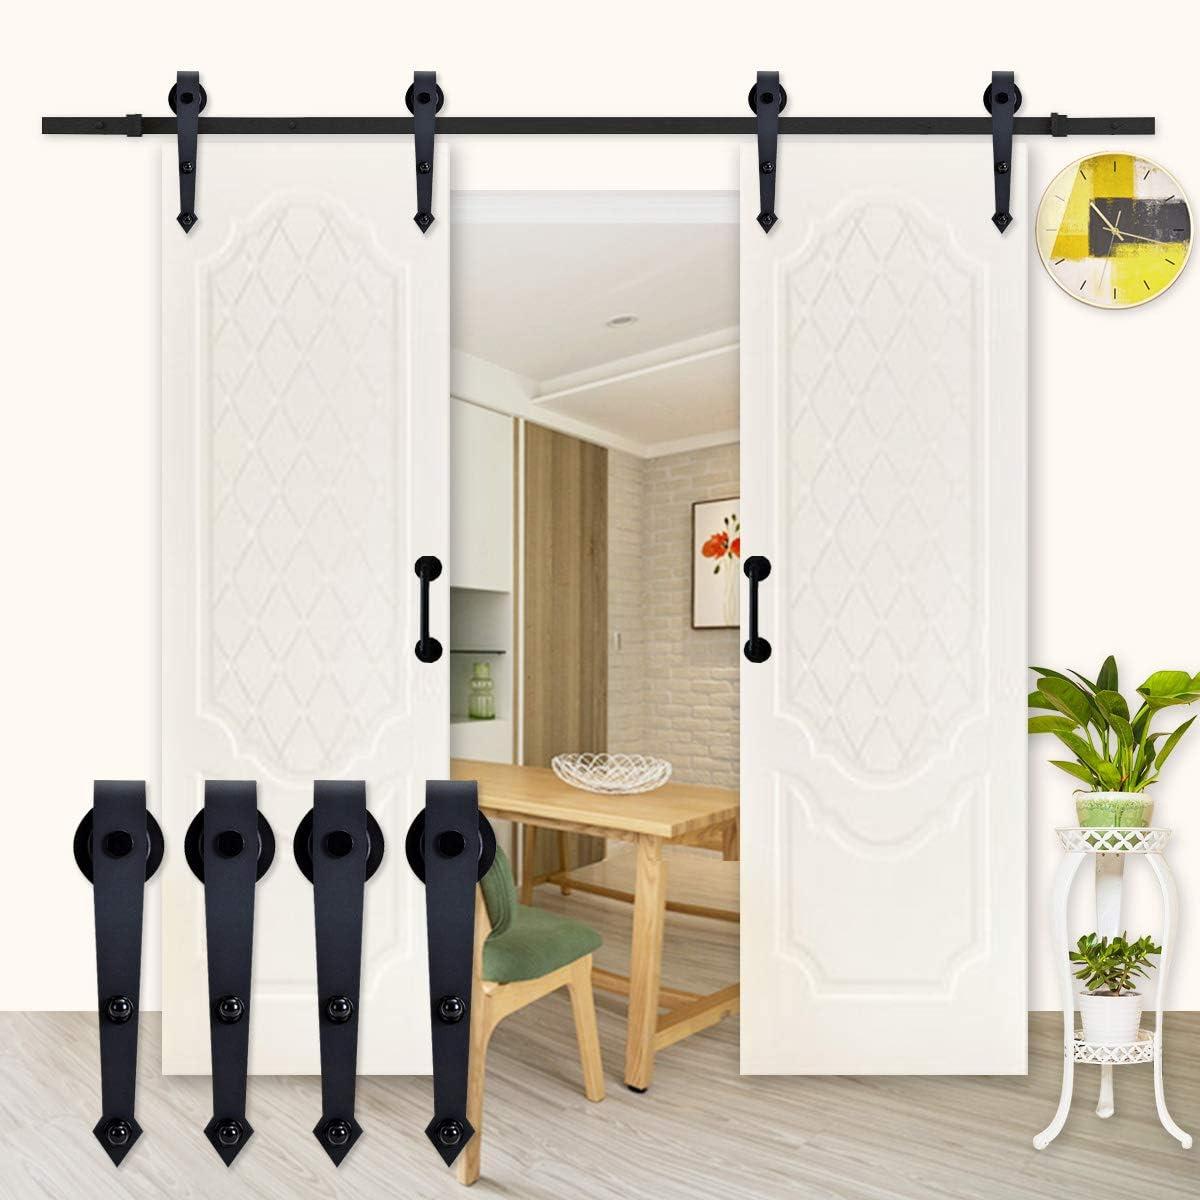 K-Home - Soporte de puerta corredera para dos puertas, estilo vintage, color negro mate: Amazon.es: Bricolaje y herramientas